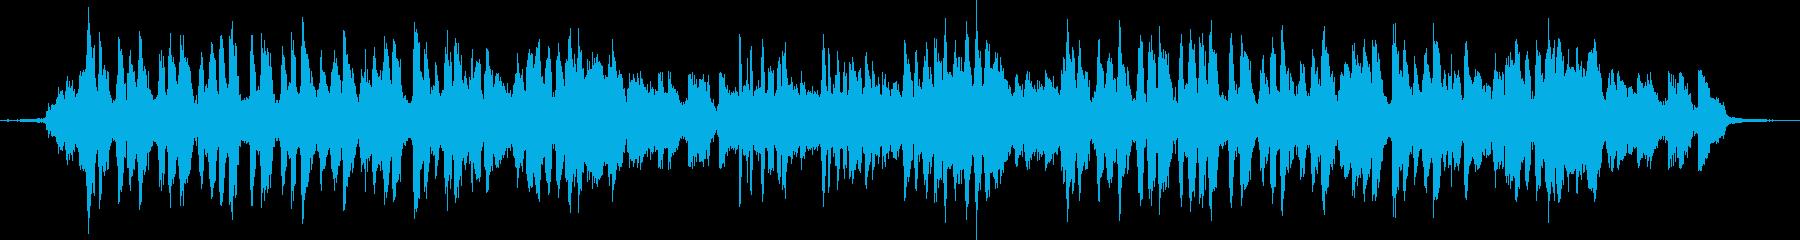 七草をテーマにした楽曲の再生済みの波形